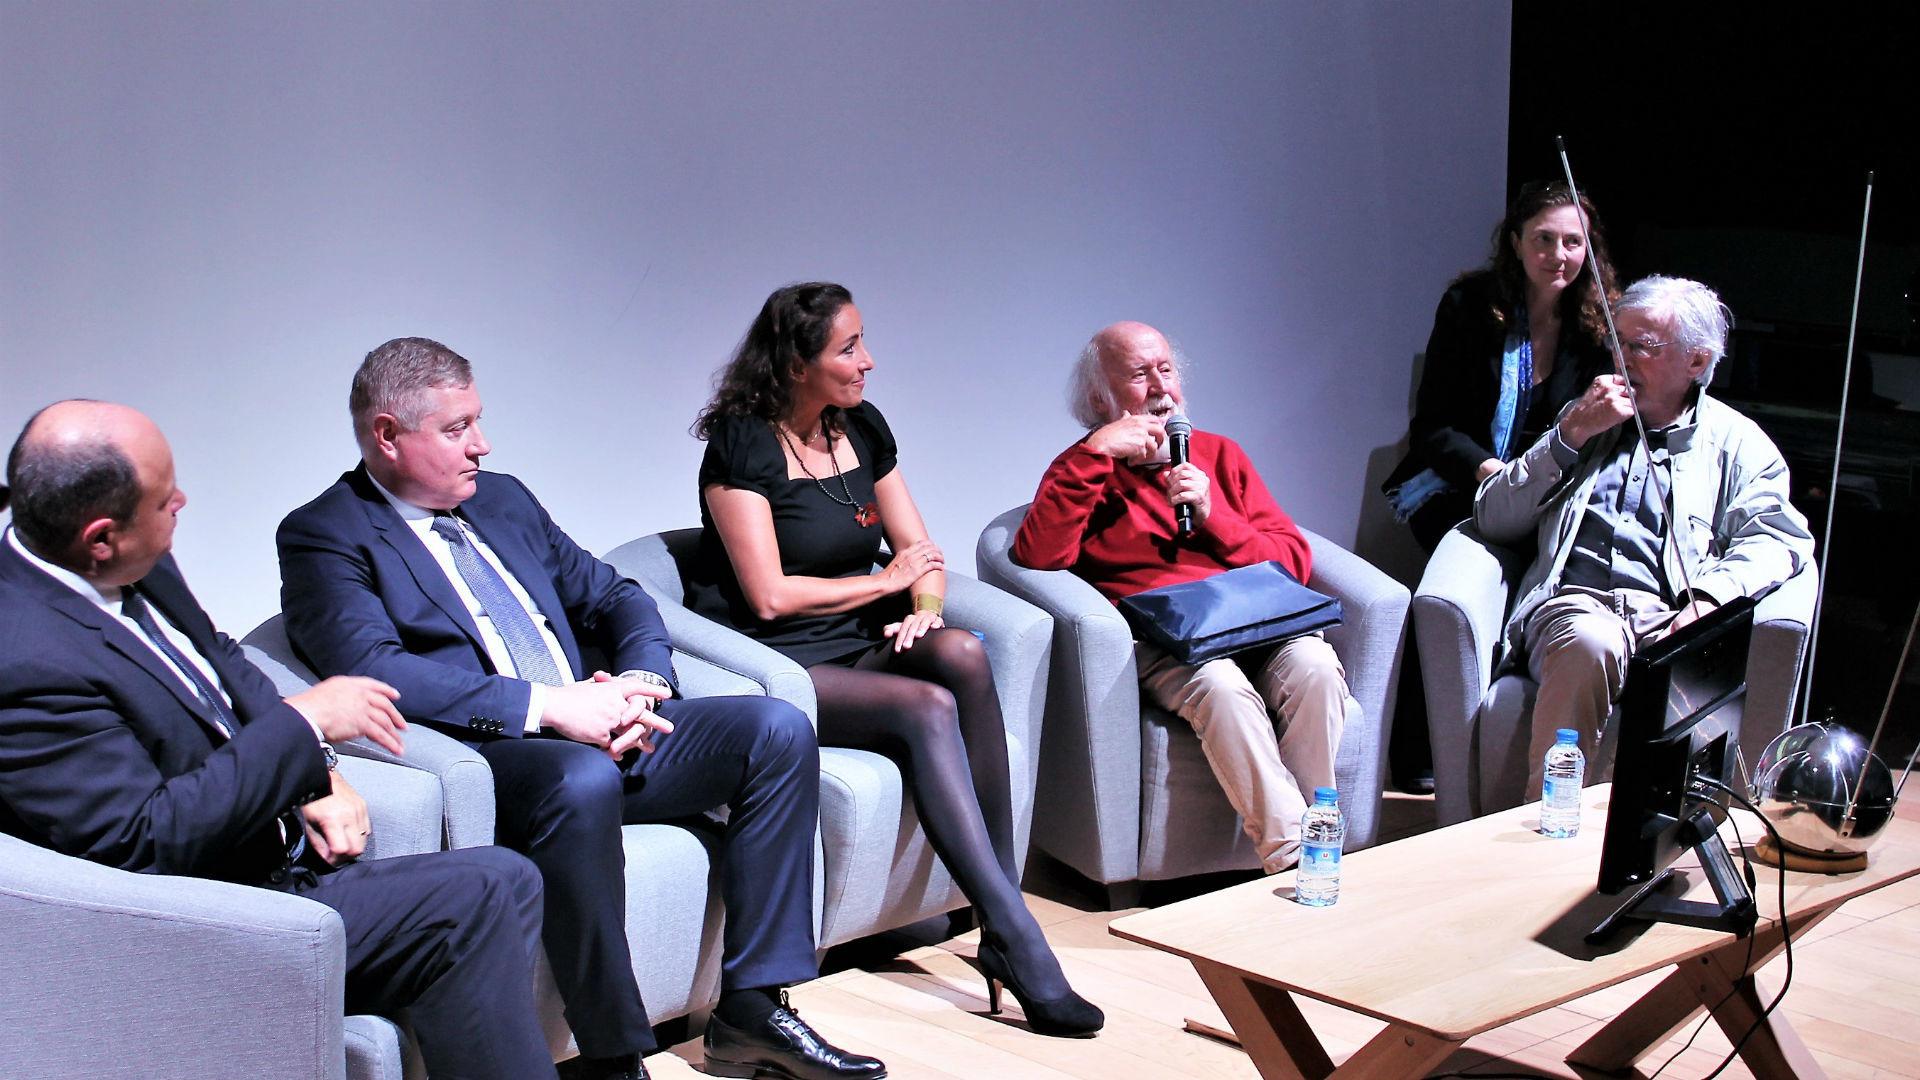 Lionel Suchet, Sergey Saveliev, Naziha Mestaoui, Hubert Reeves, Hervé Fischer.